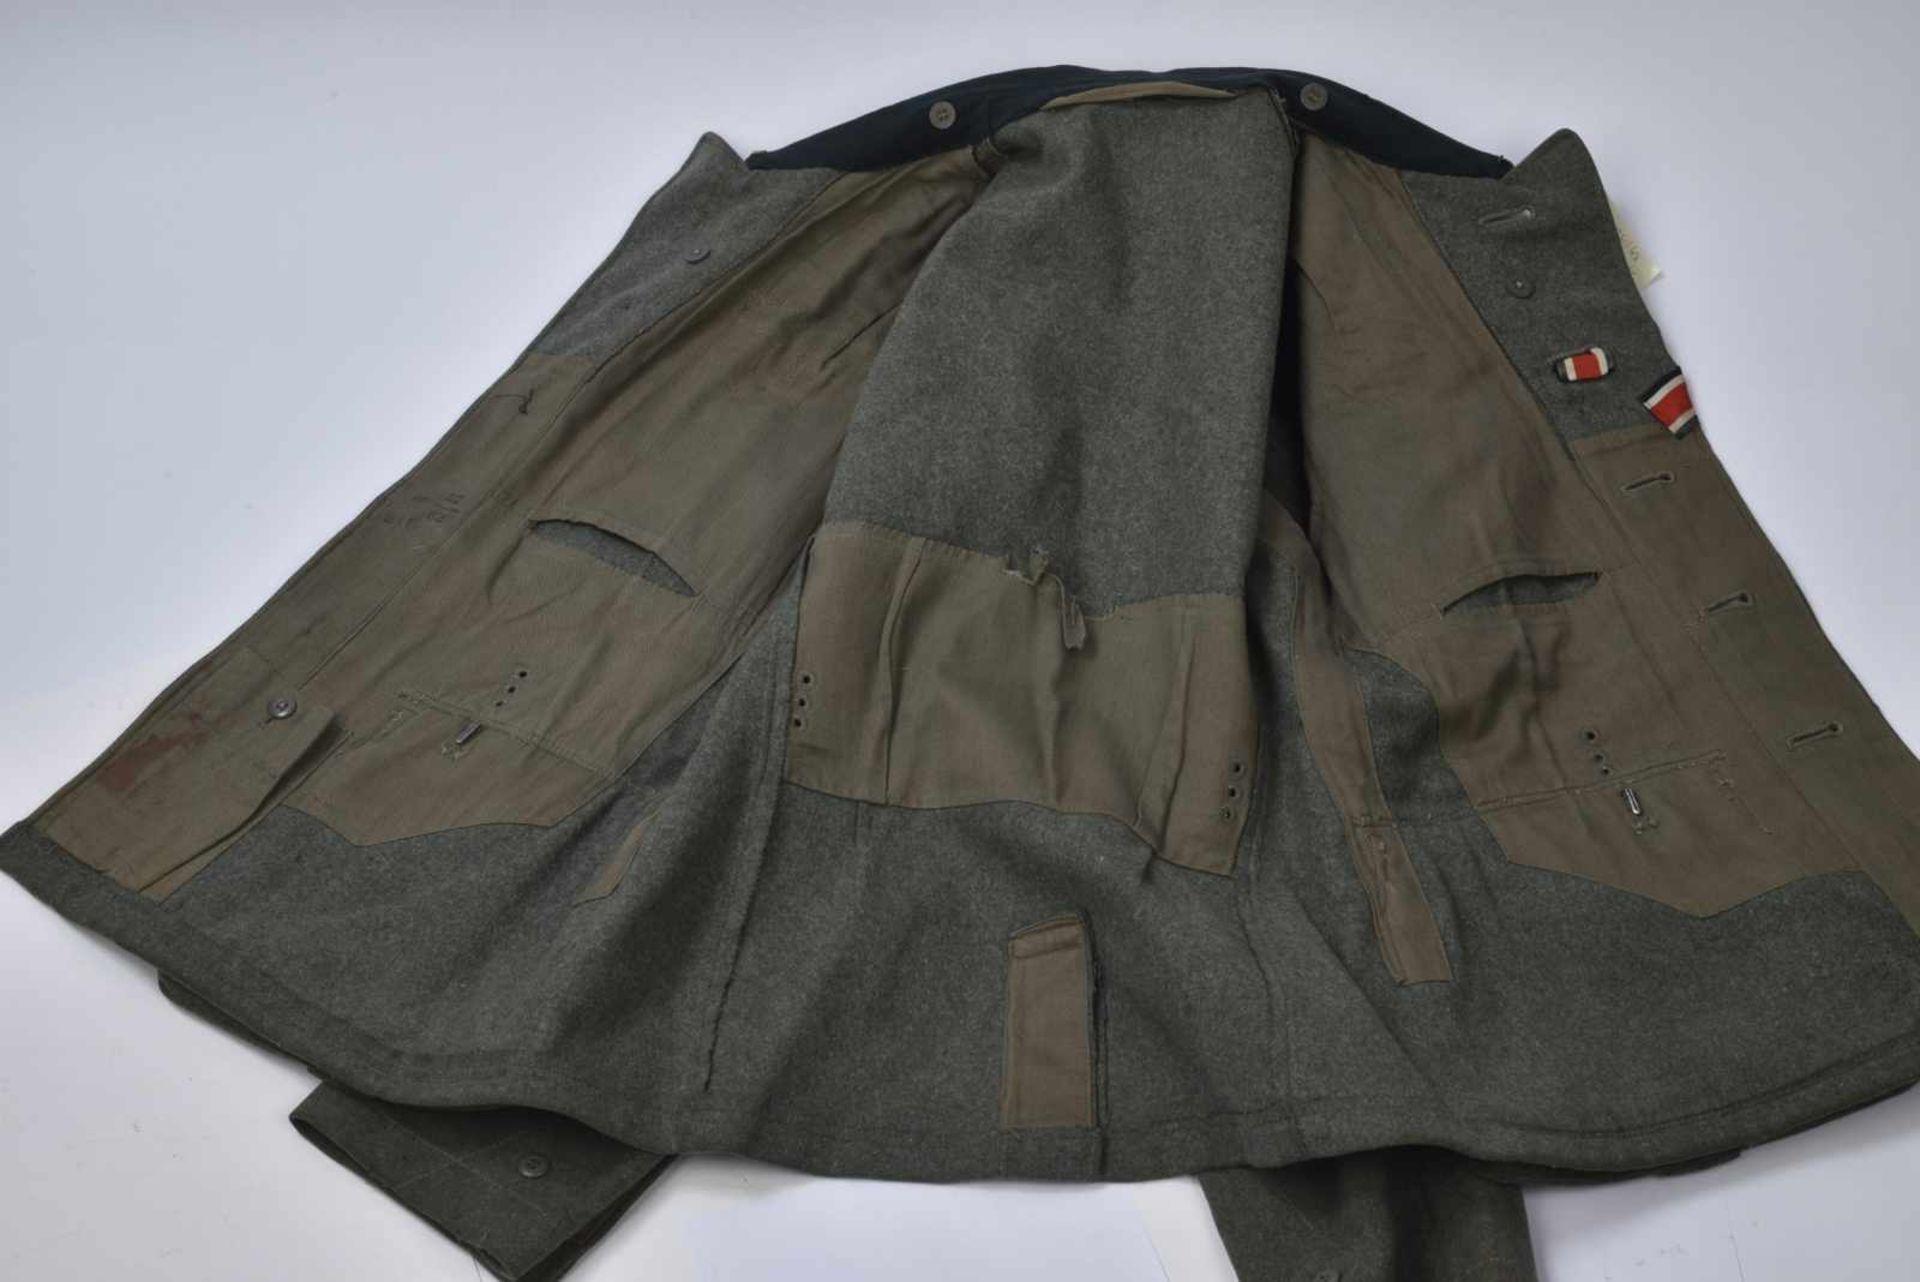 Vareuse troupe d'infanterie allemande. En drap de laine Feldgrau, tous les boutons sont présents. - Bild 3 aus 4